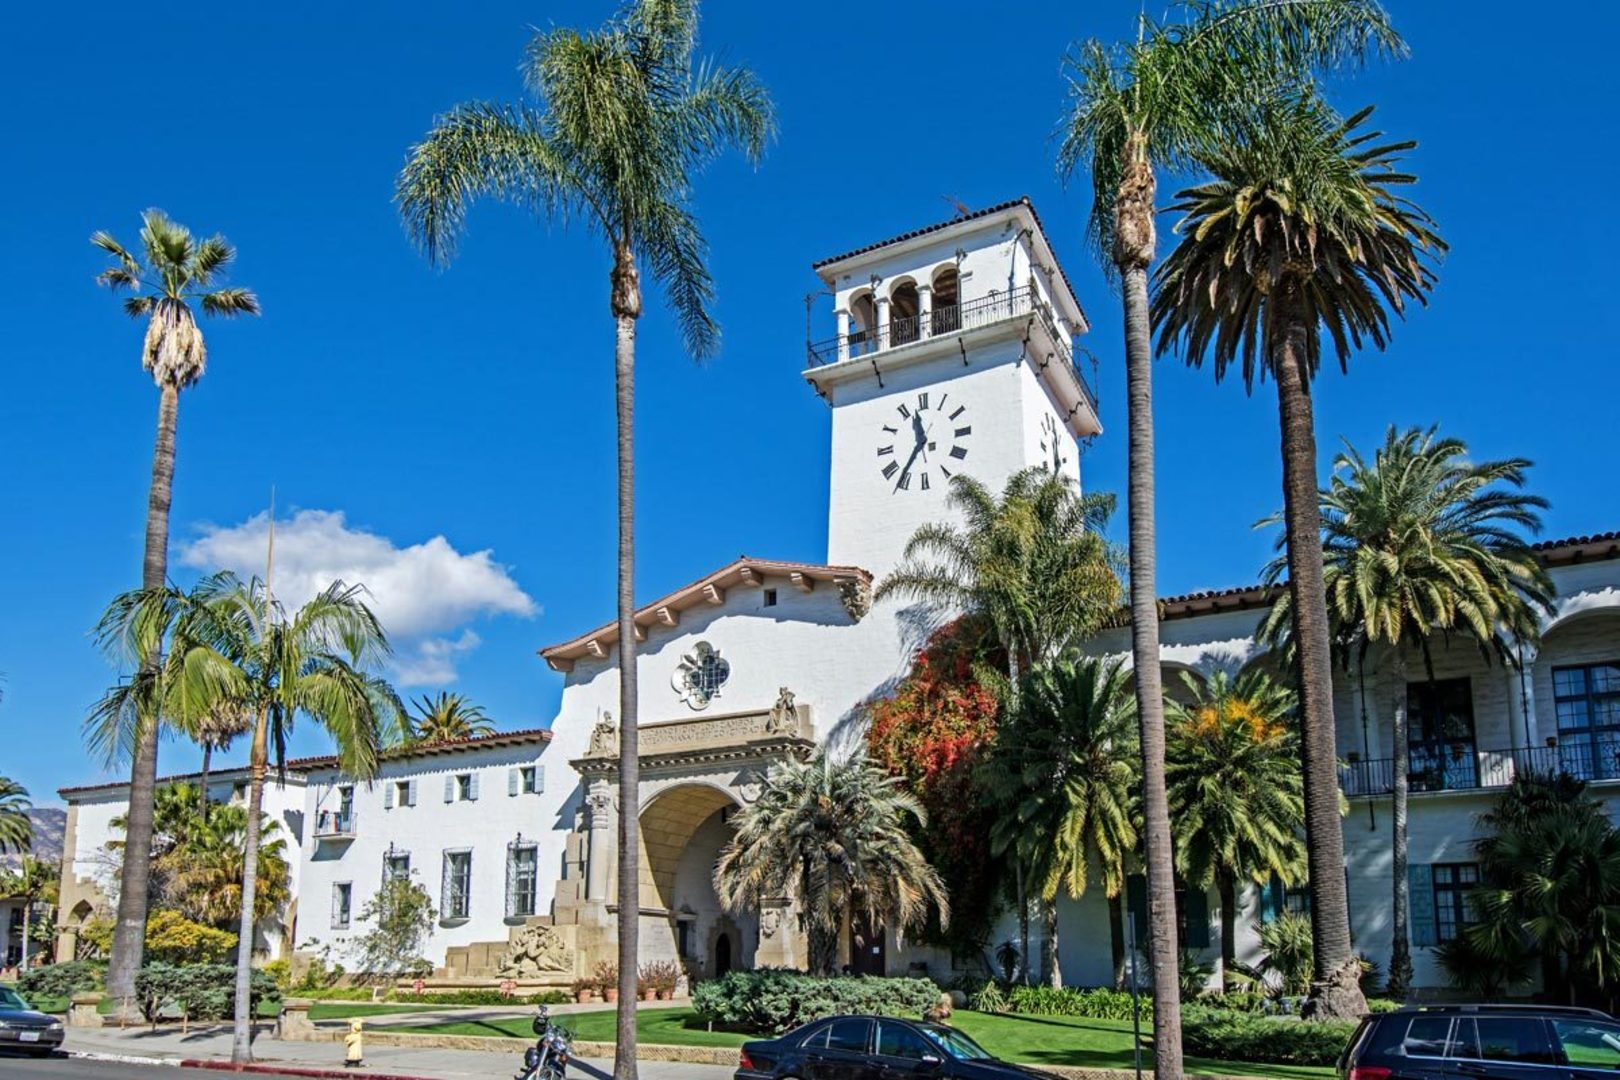 Santa Barbara County Courthouse - Visit Santa Barbara Throughout Santa Barbara County Courthouse Calendar